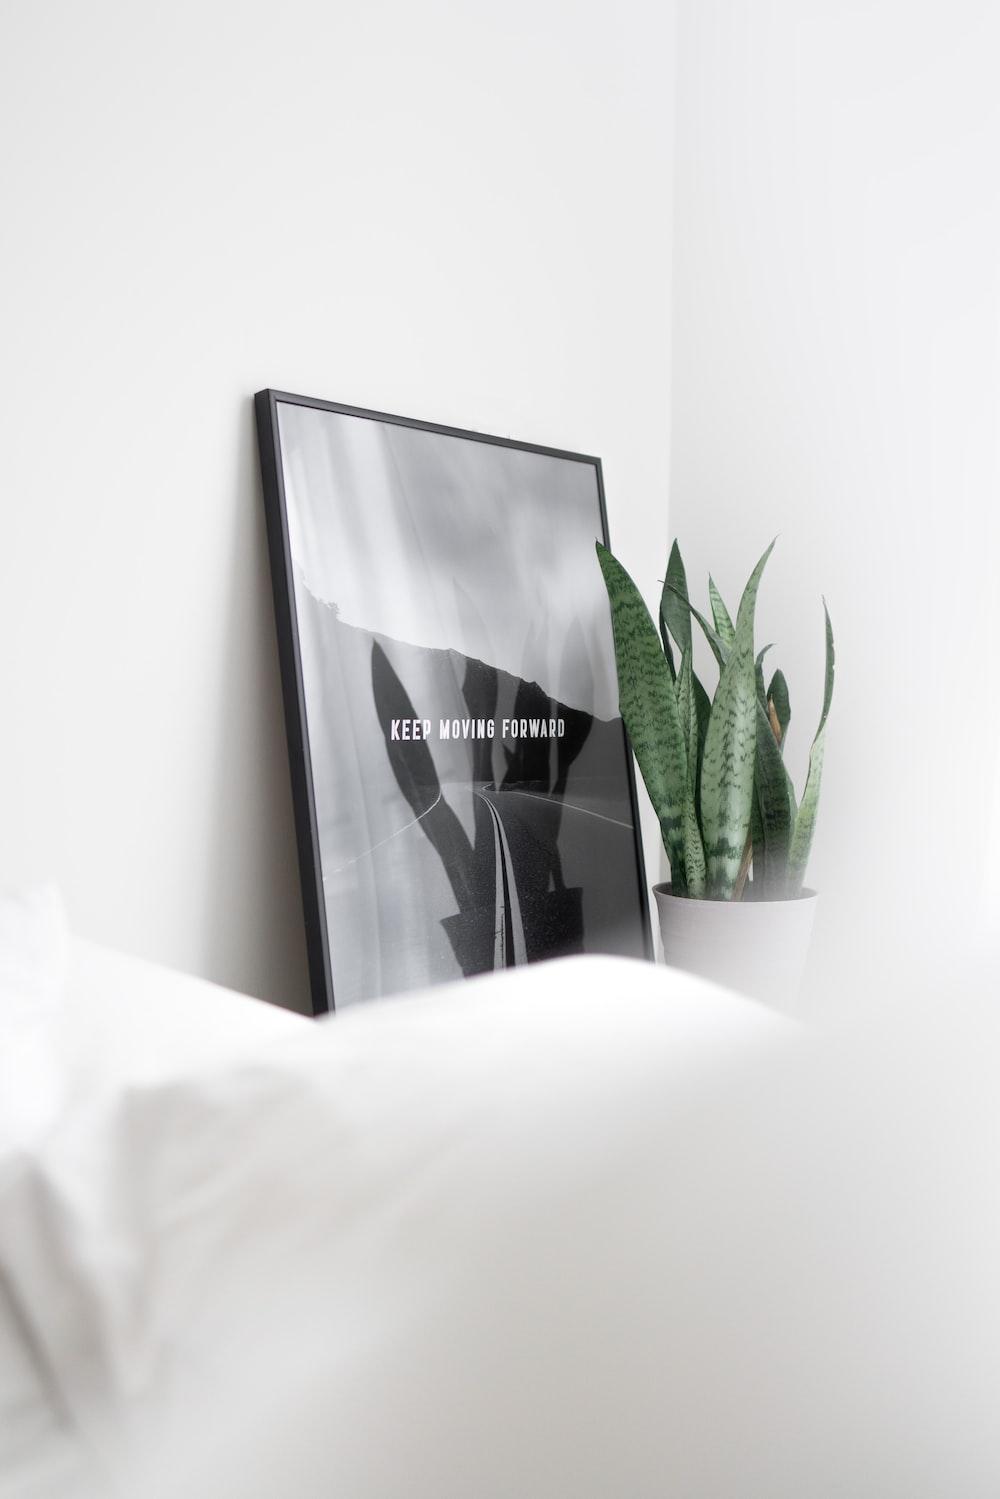 black and white box on white textile